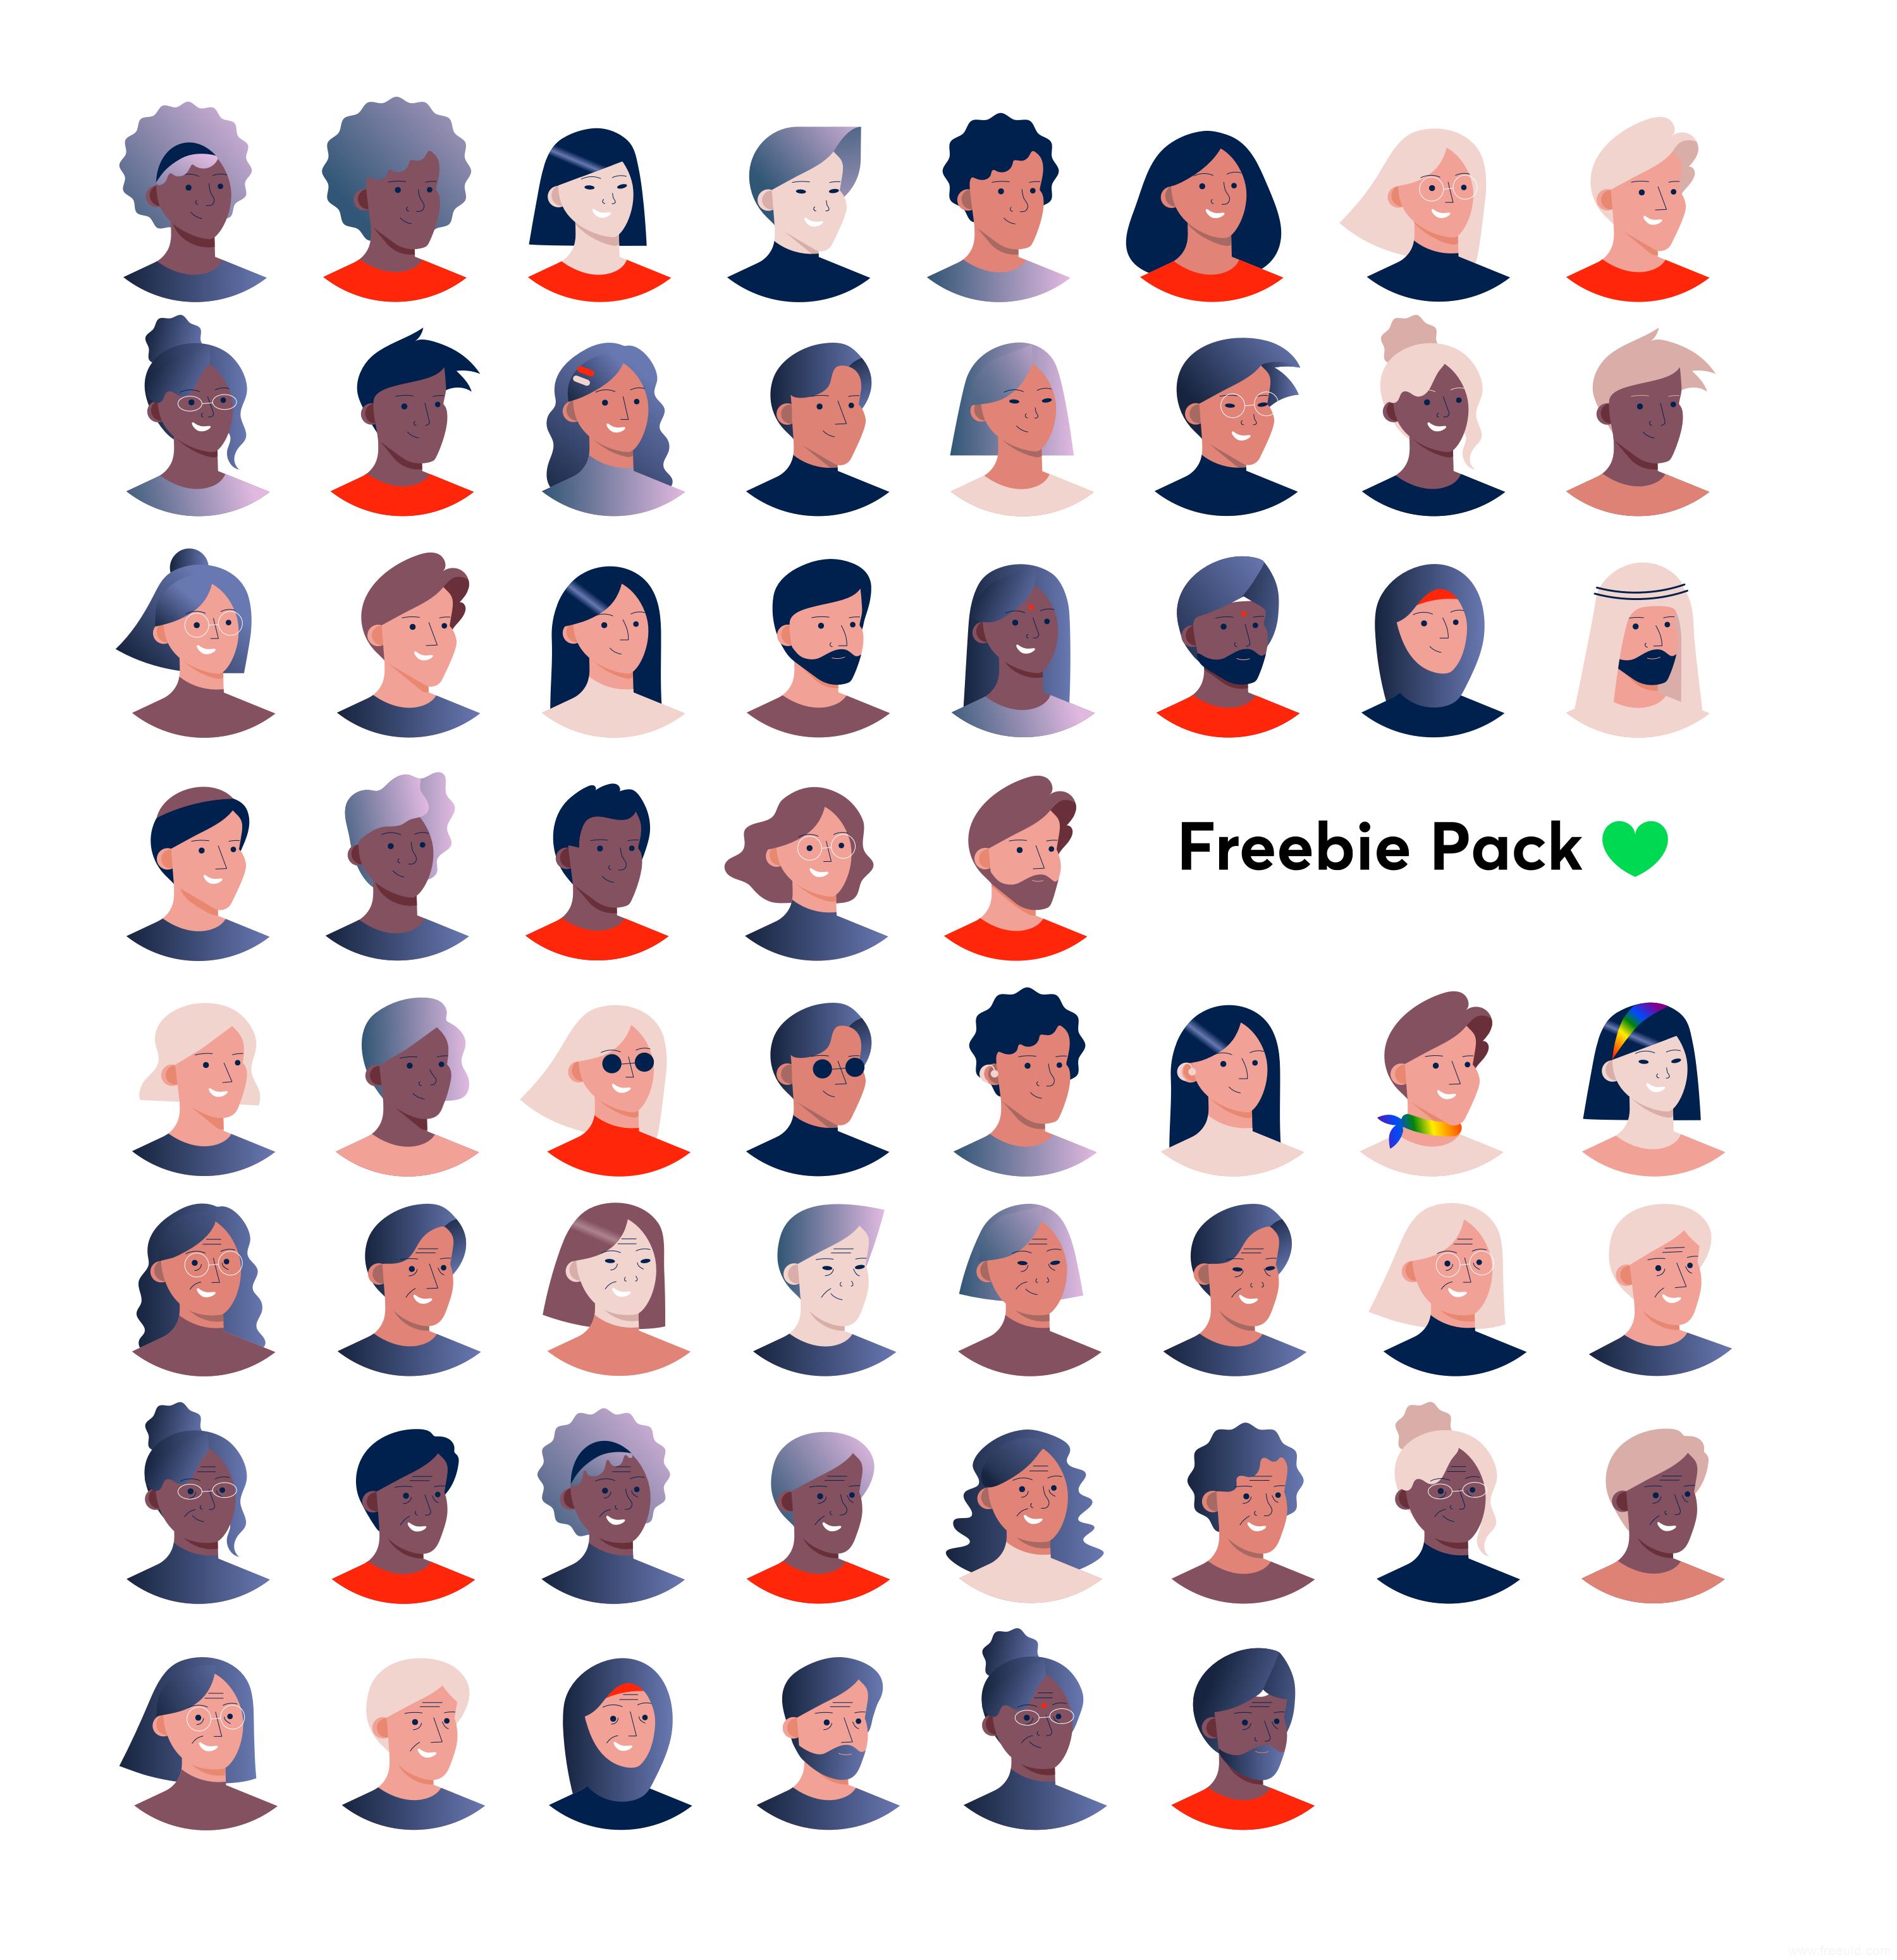 不同民族人物插画头像sketch源文件下载